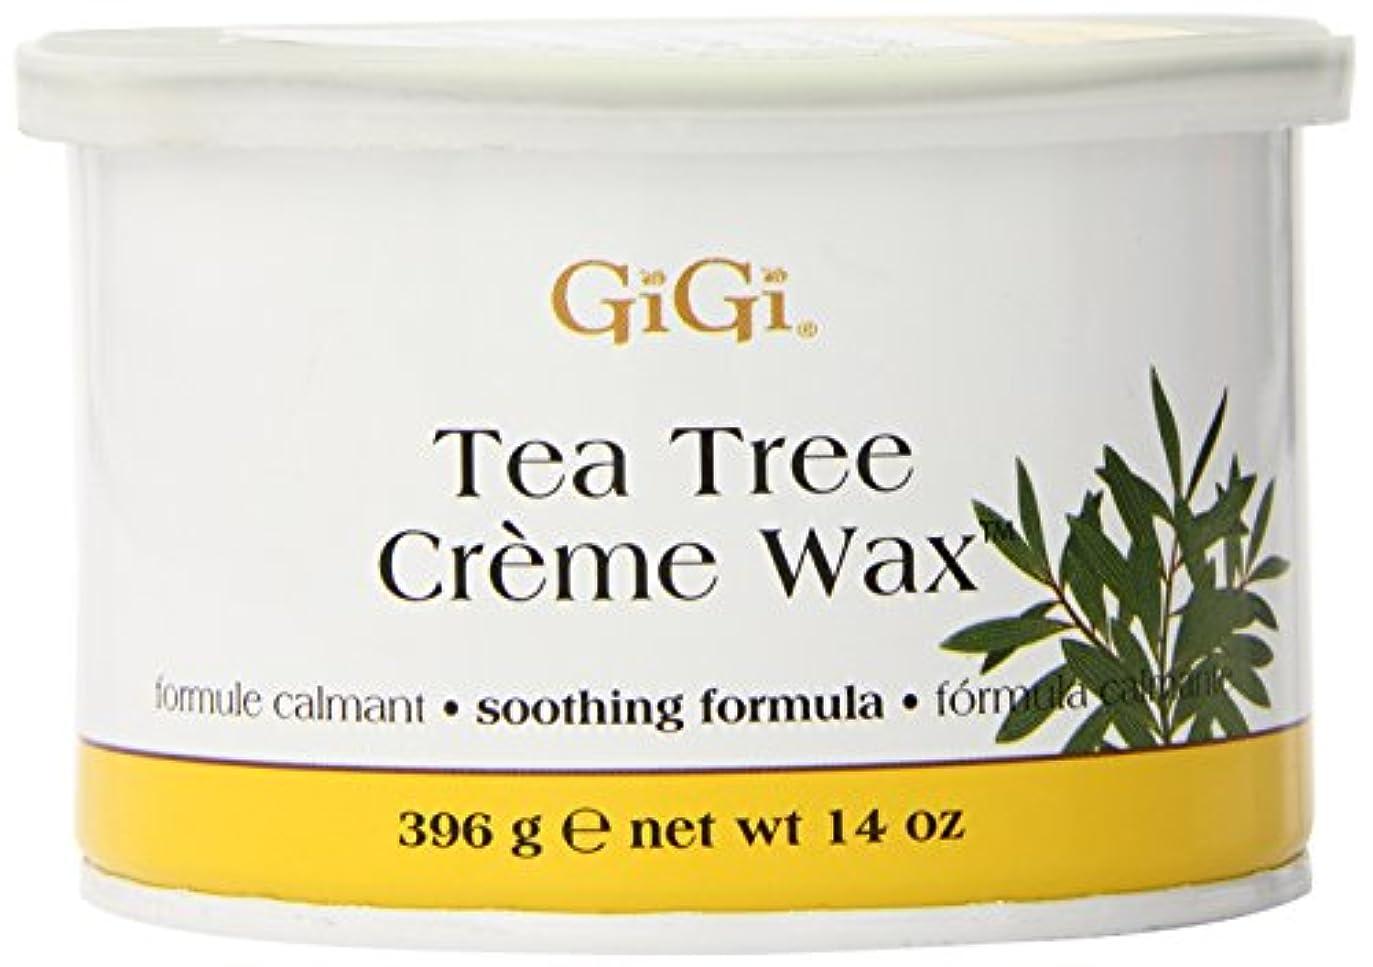 浅いストリップ祝福GiGi Tea Tree Cream Wax A Soothing Hair Removal Formula 396g